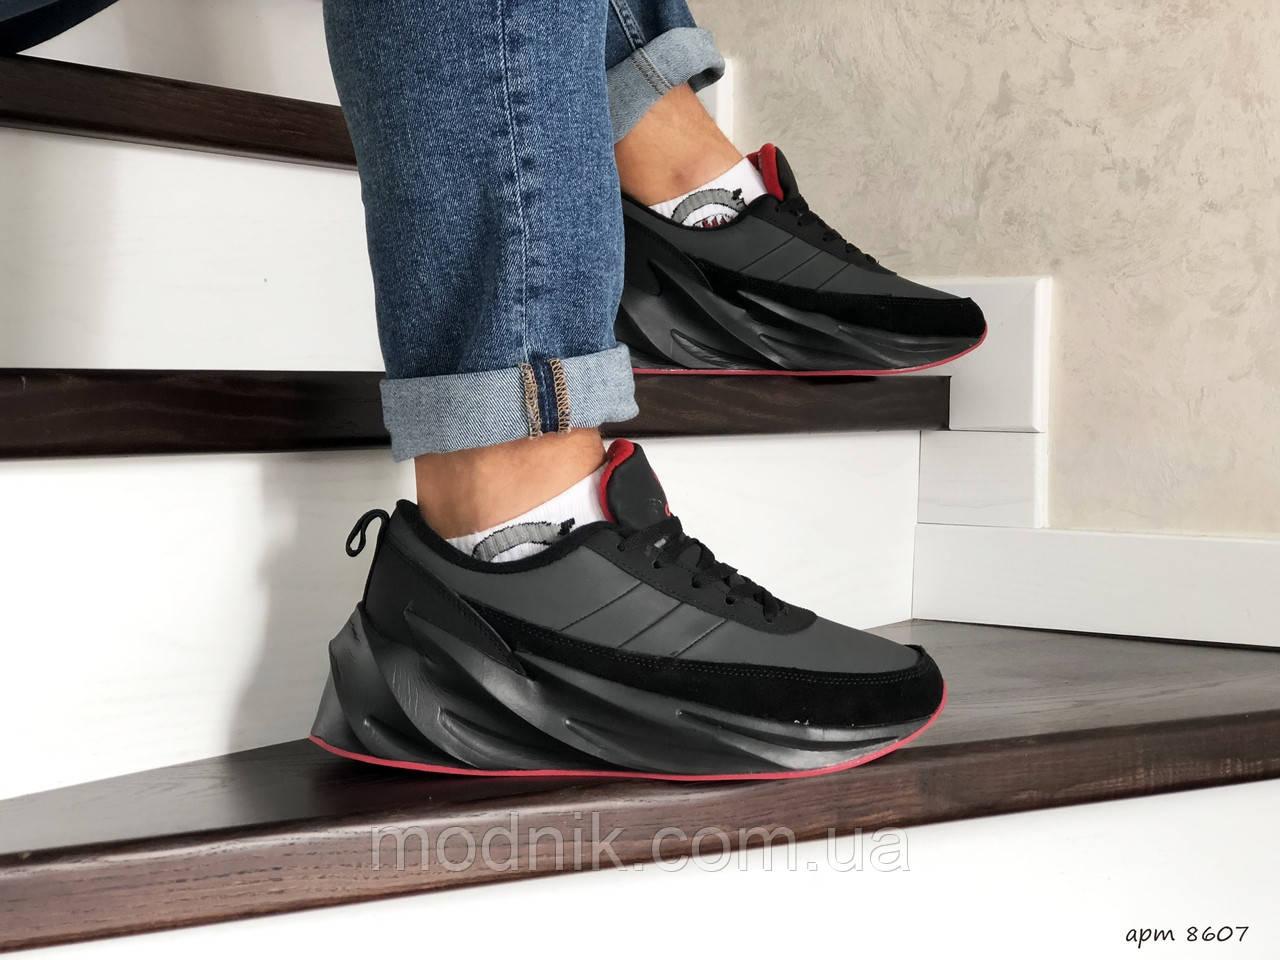 Мужские кроссовки Adidas Sharks (черно-серые) Зима